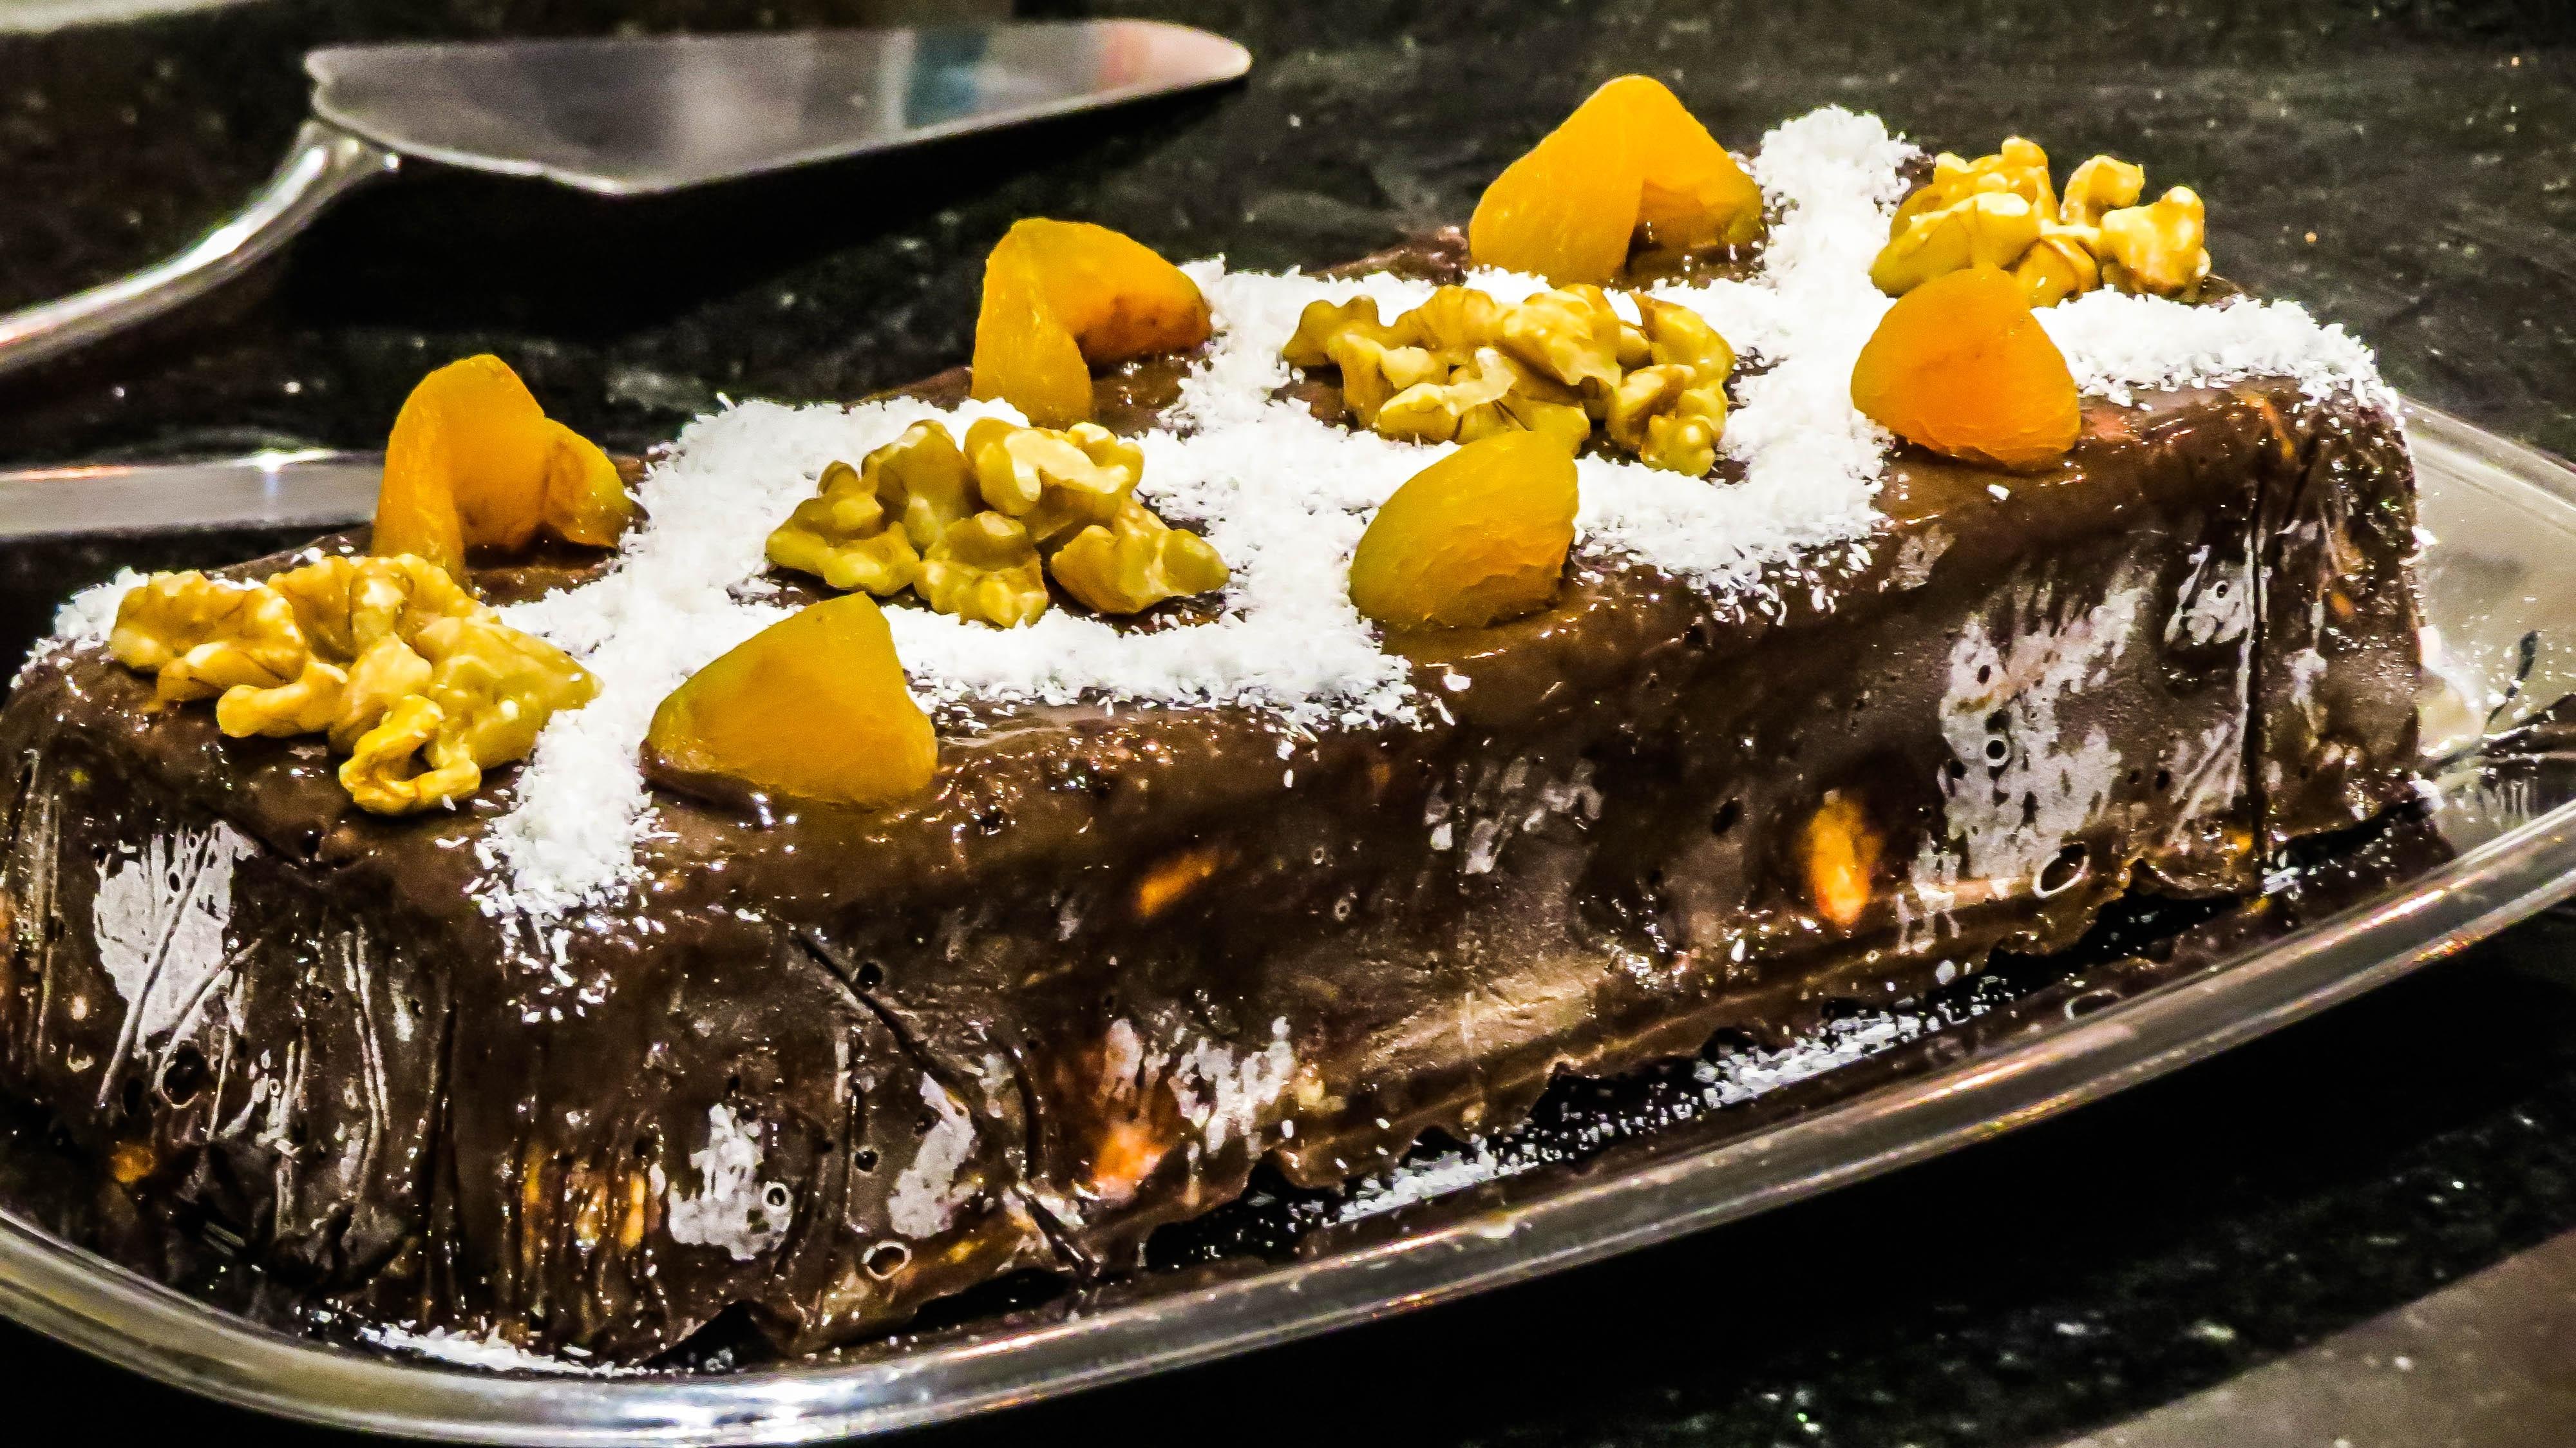 еда торт киви орехи food cake kiwi nuts скачать